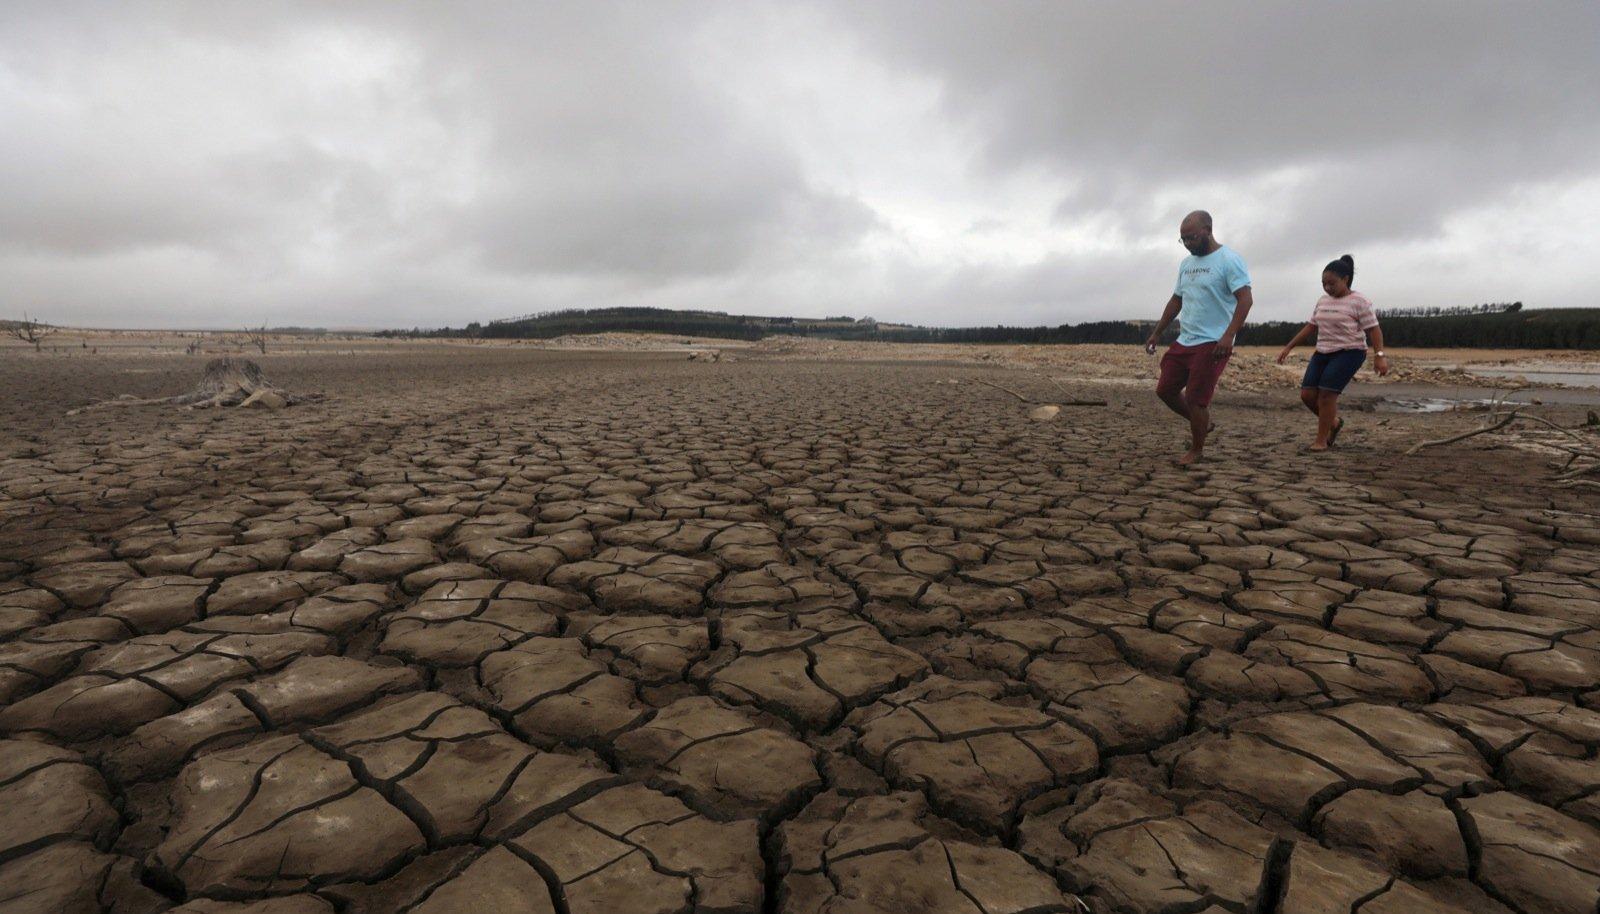 Põud Lõuna-Aafrikas. Ekstreemne kuumus ajab lähiaastatel liikvele miljoneid kliimapagulasi.